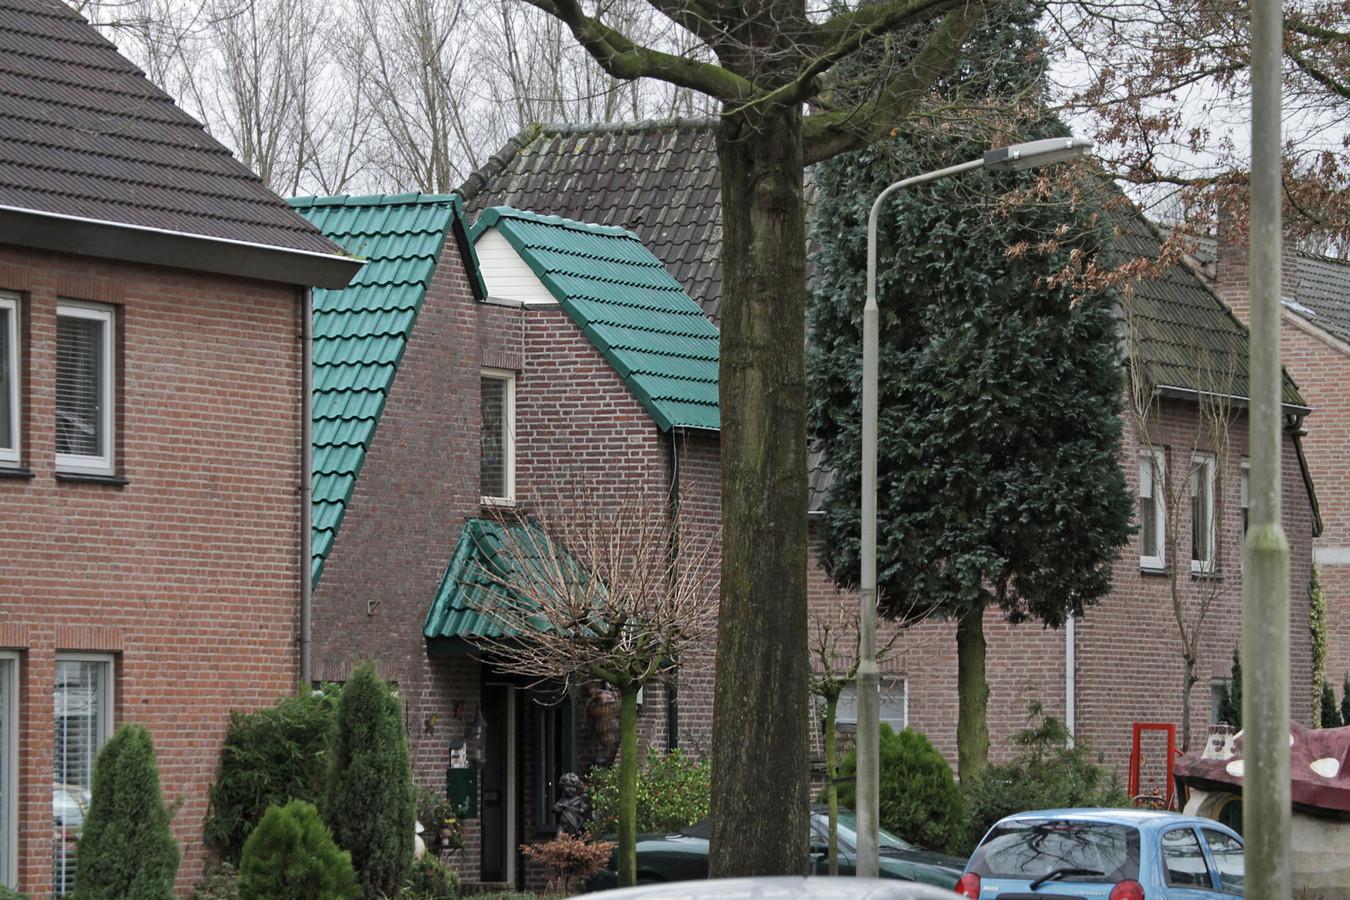 Fabulous Kurzweg voert achterhoedegevecht over groen dak Oss | Oss e.o. | bd.nl FB39